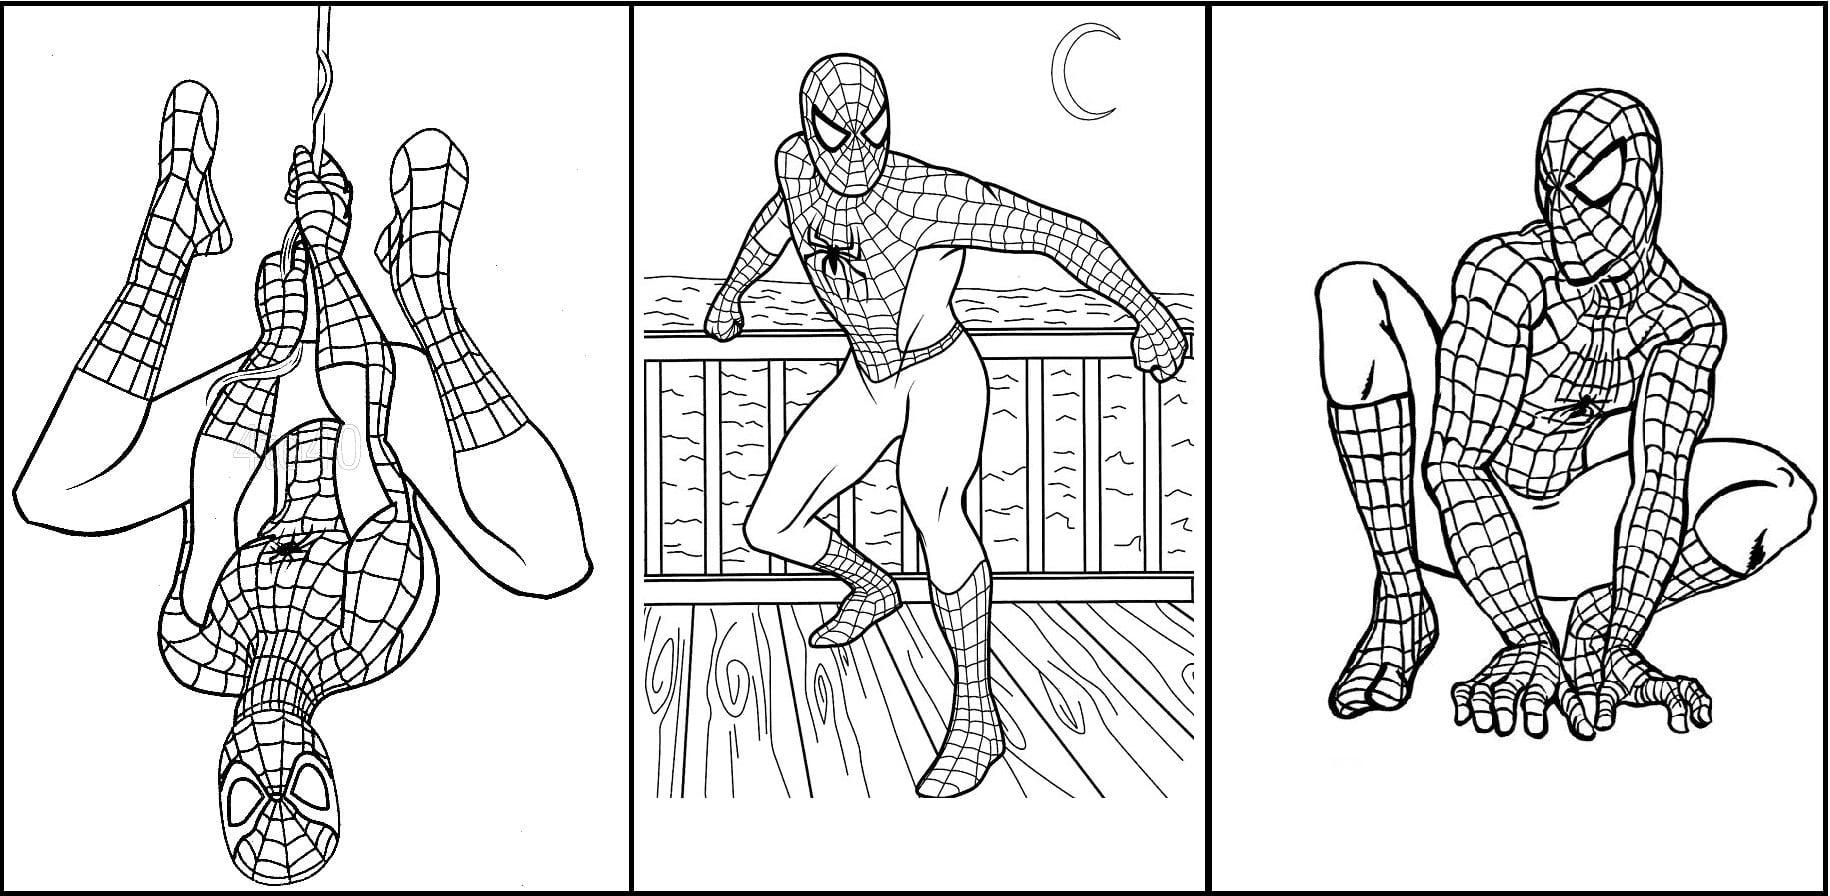 Desenhos para colorir homem aranha 3 †pampekids net resultado de imagem para desenhos para colorir adultos